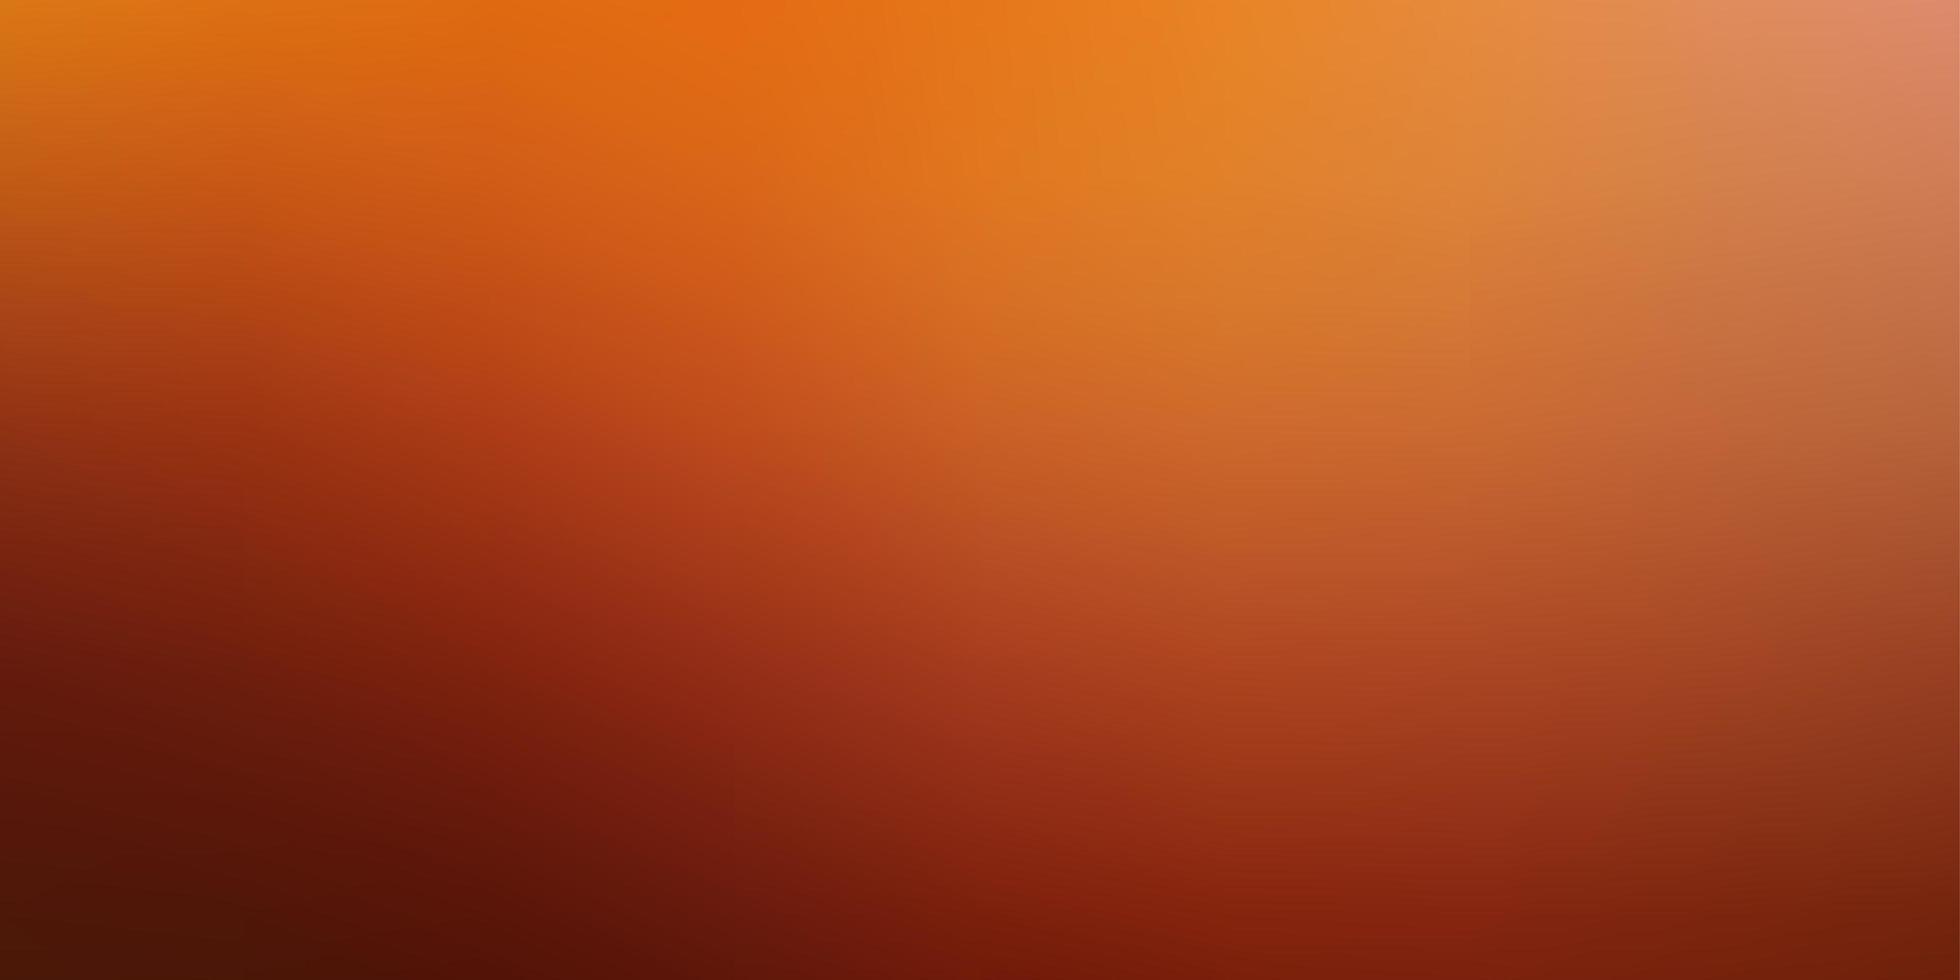 sfondo sfocato astratto vettoriale arancione chiaro.